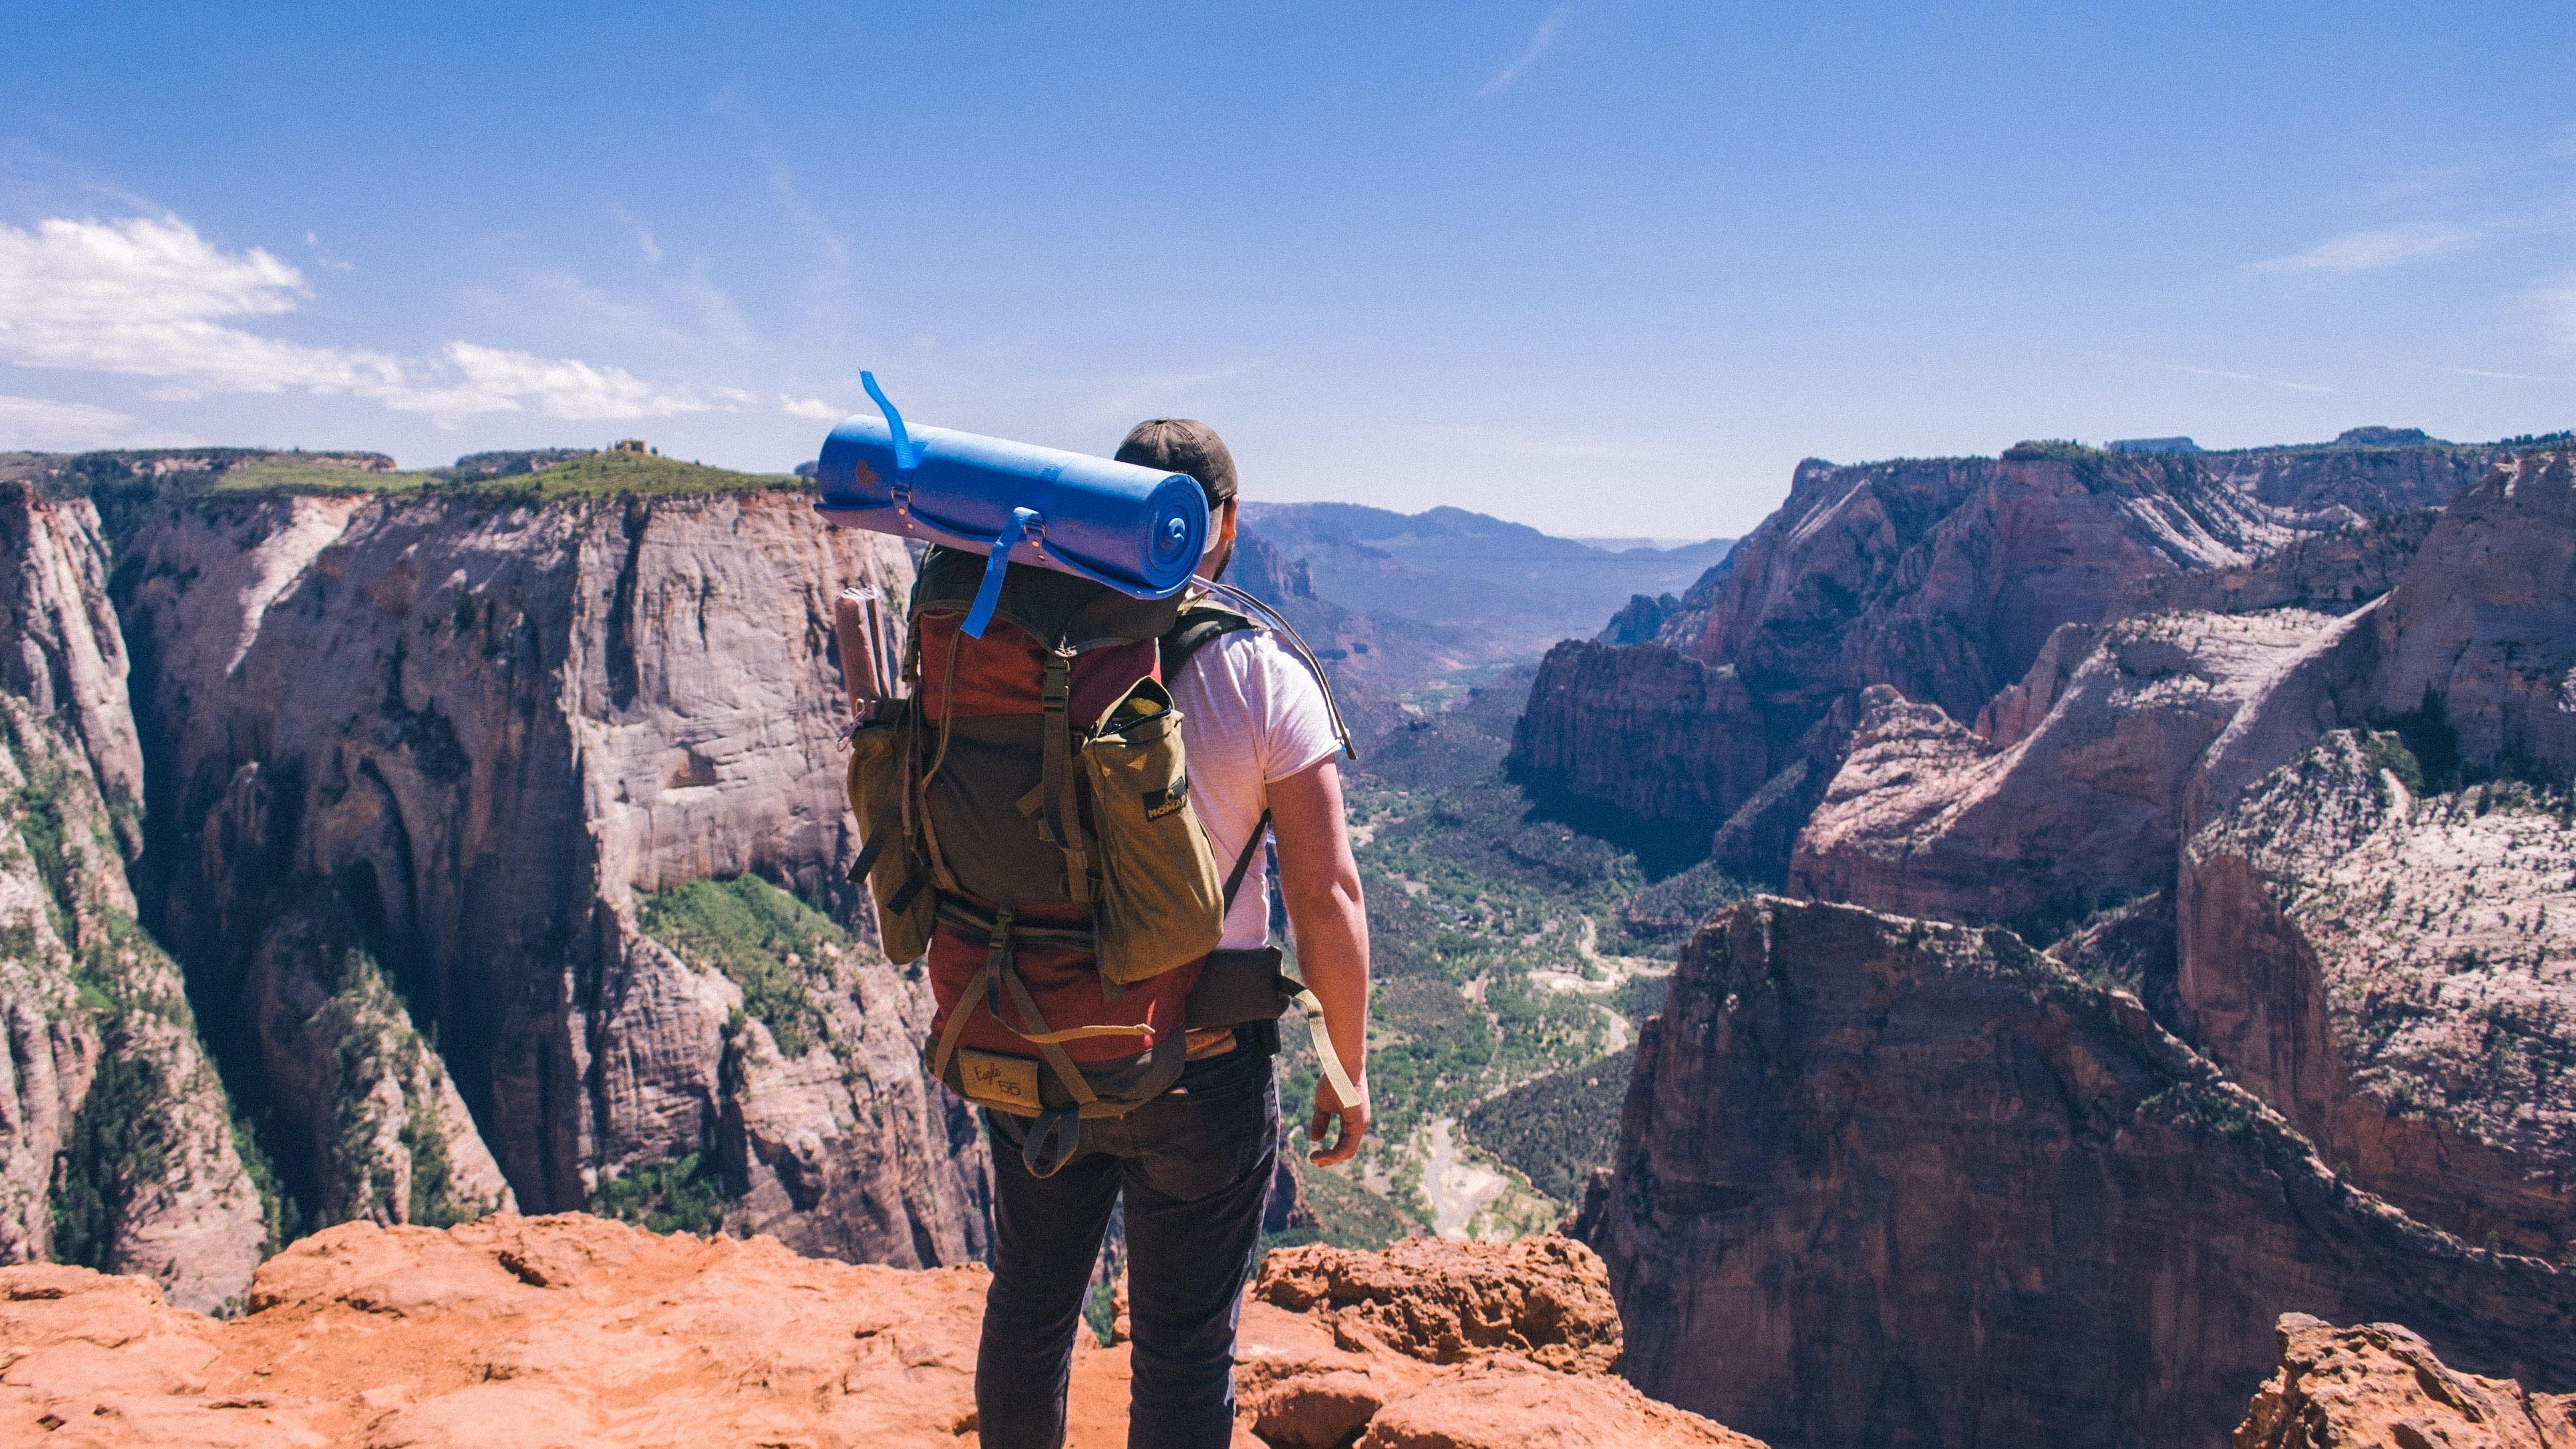 Rucksack richtig packen: Wir verraten Ihnen die wichtigsten Tipps